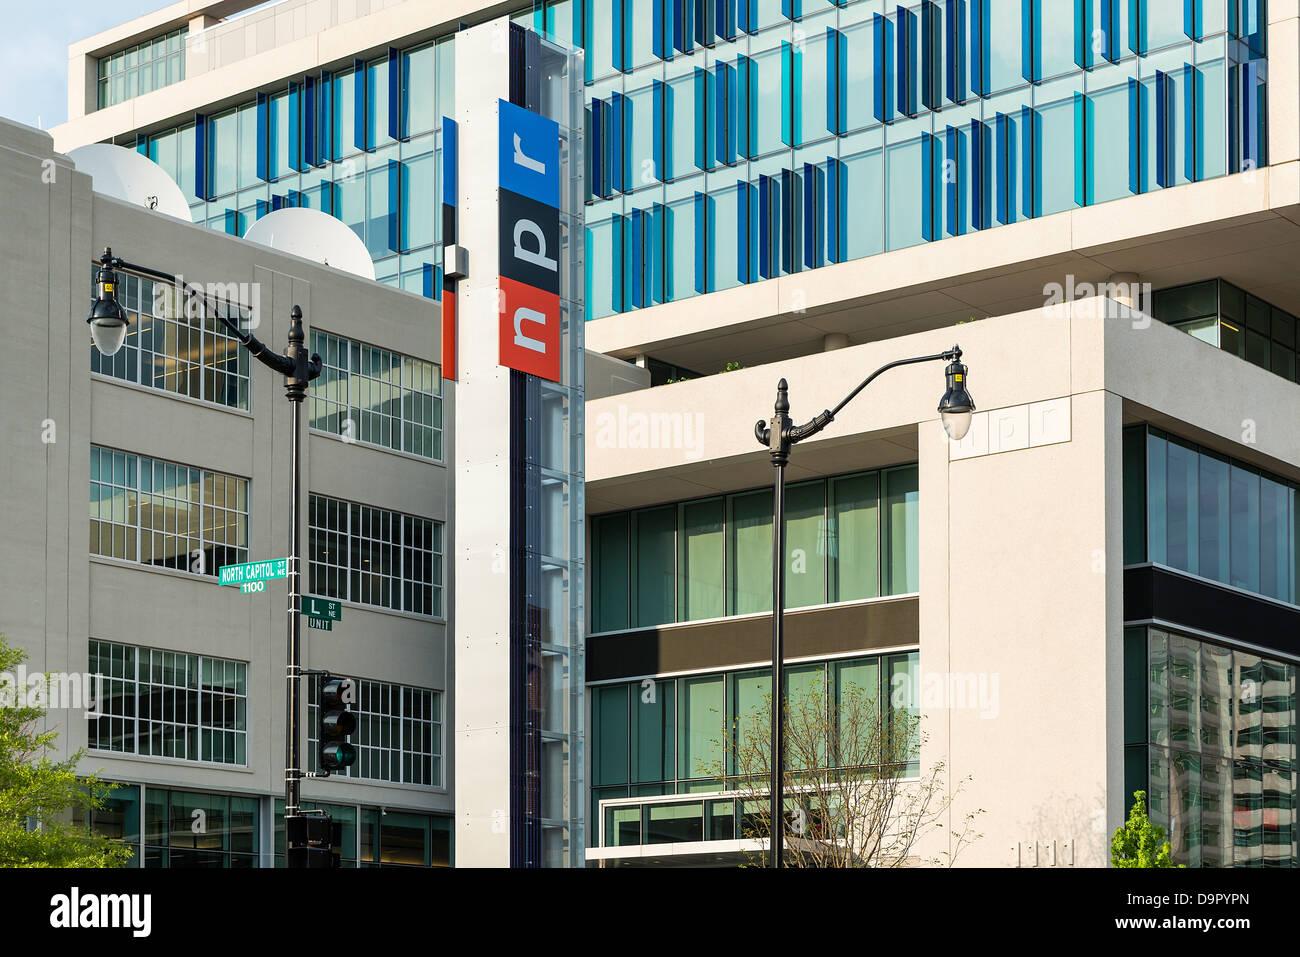 NPR, National Public Radio corporate offices, Washington DC, USA - Stock Image